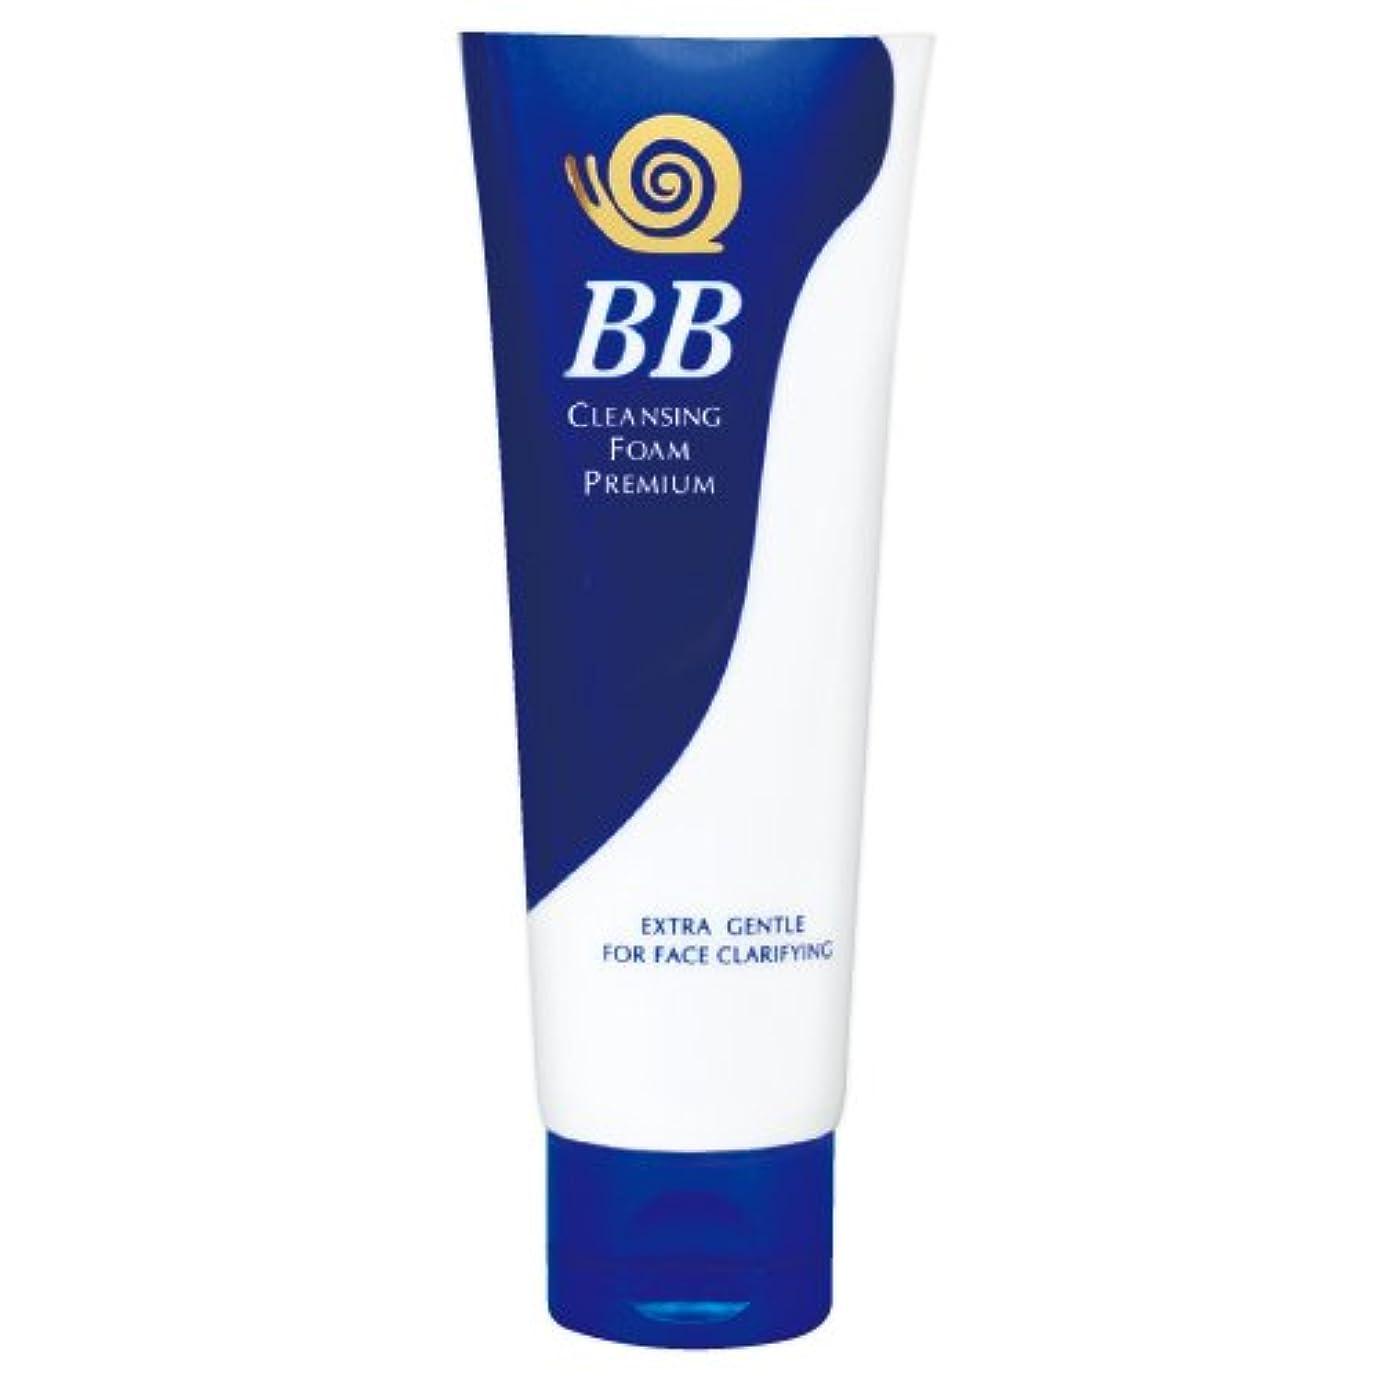 代替三角親B&S 極上 かたつむり BB 洗顔フォーム (プレミアム) 100g [並行輸入品]